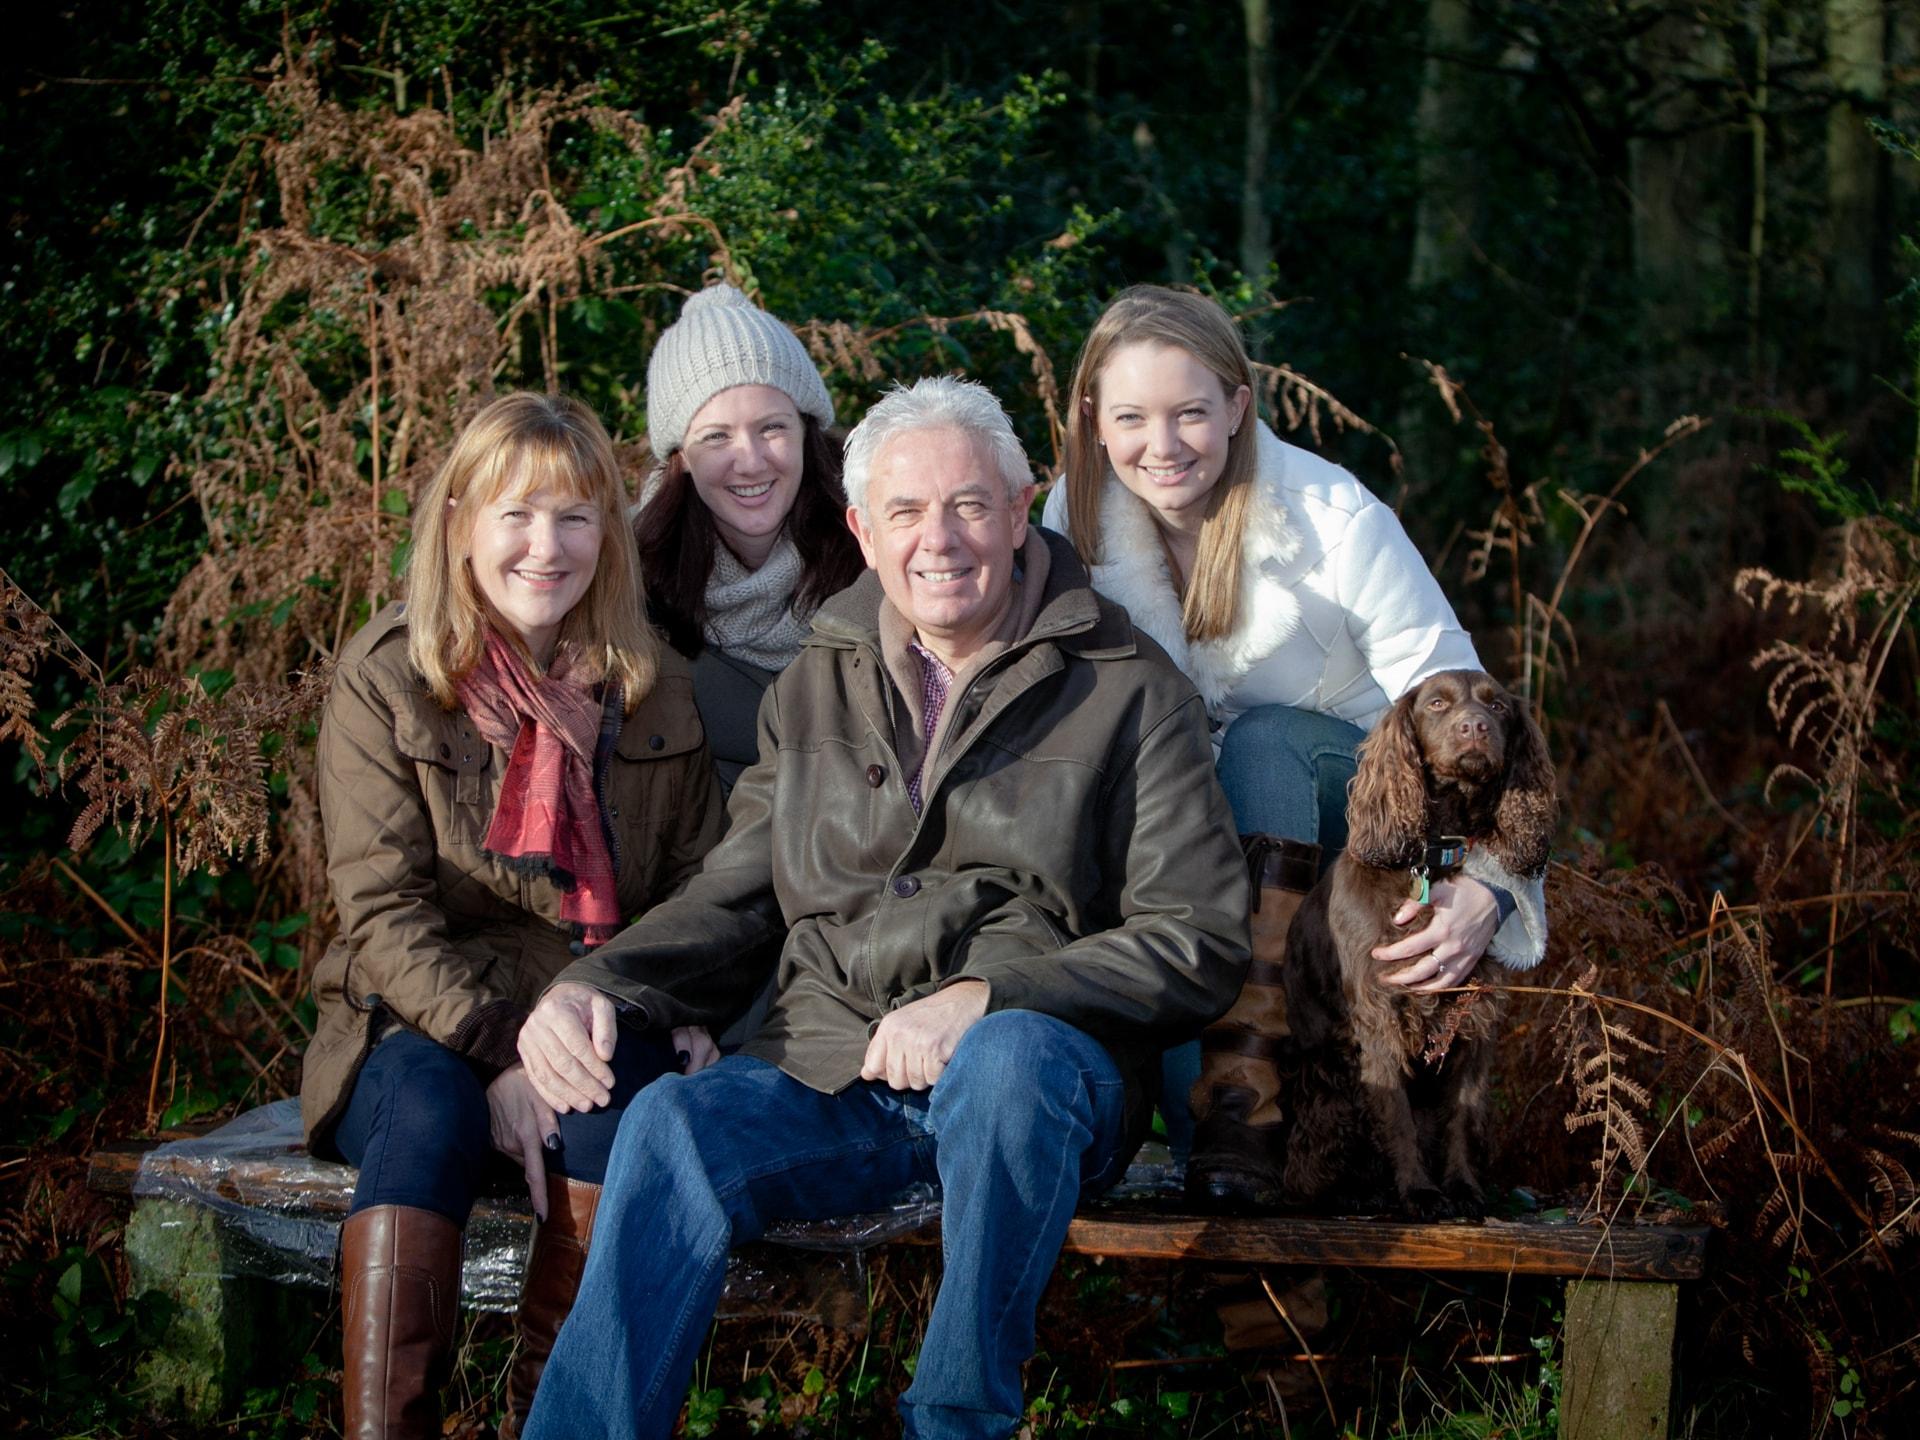 Family photos beaconsfield